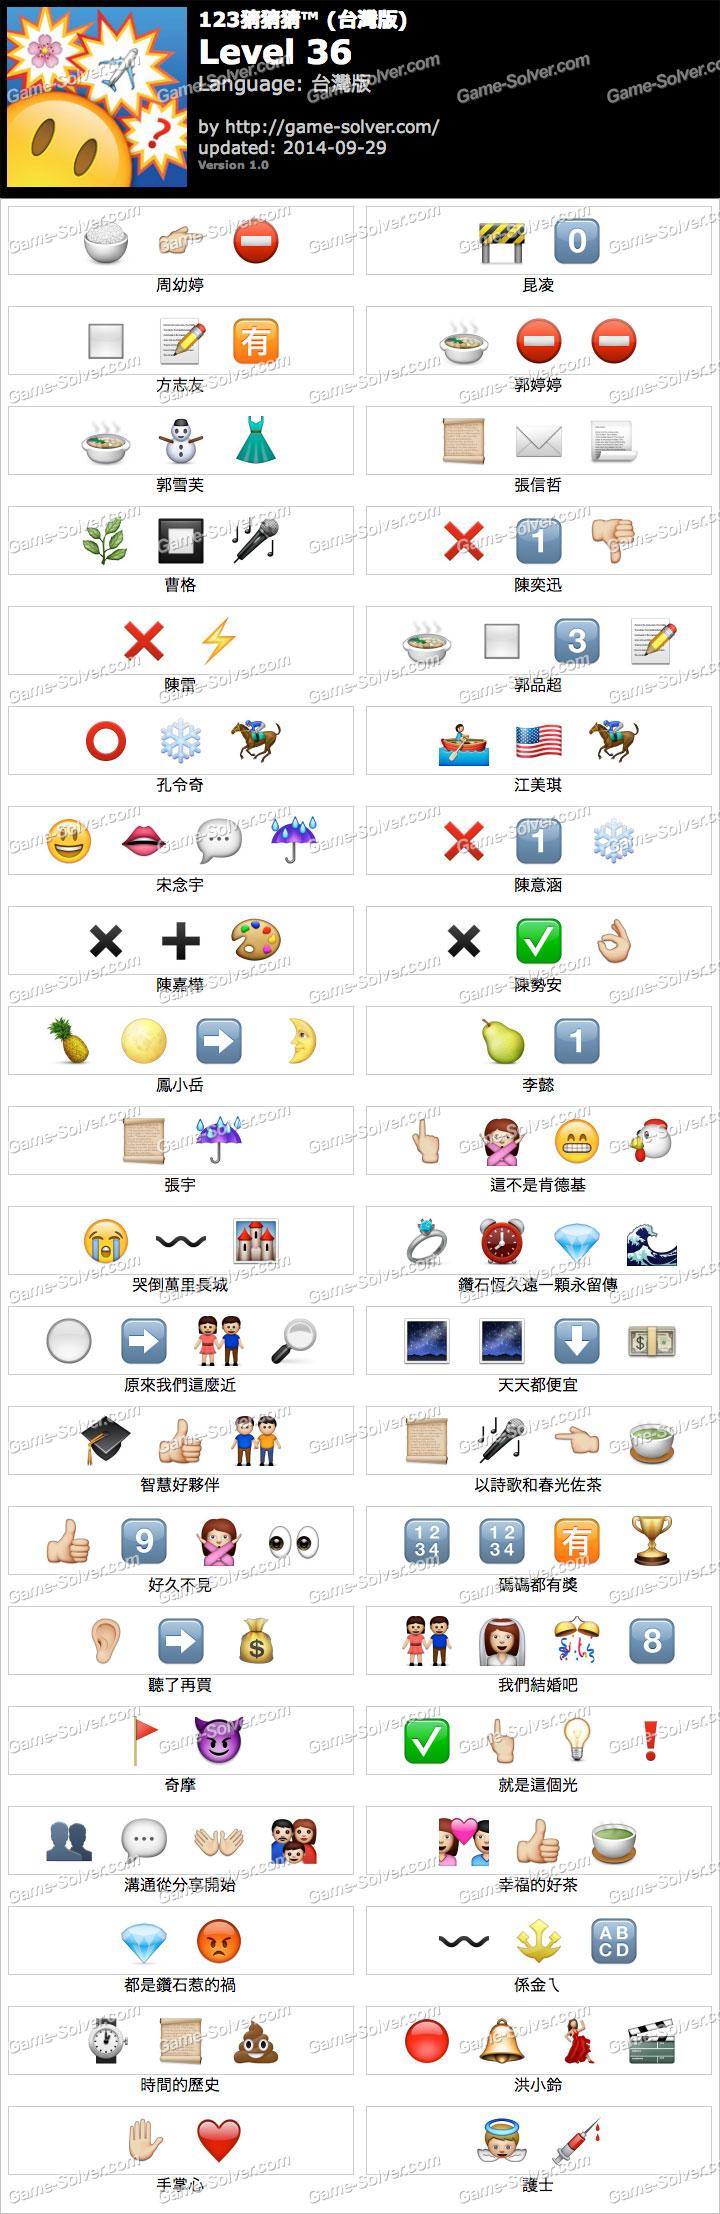 123猜猜猜台灣版答案等級36